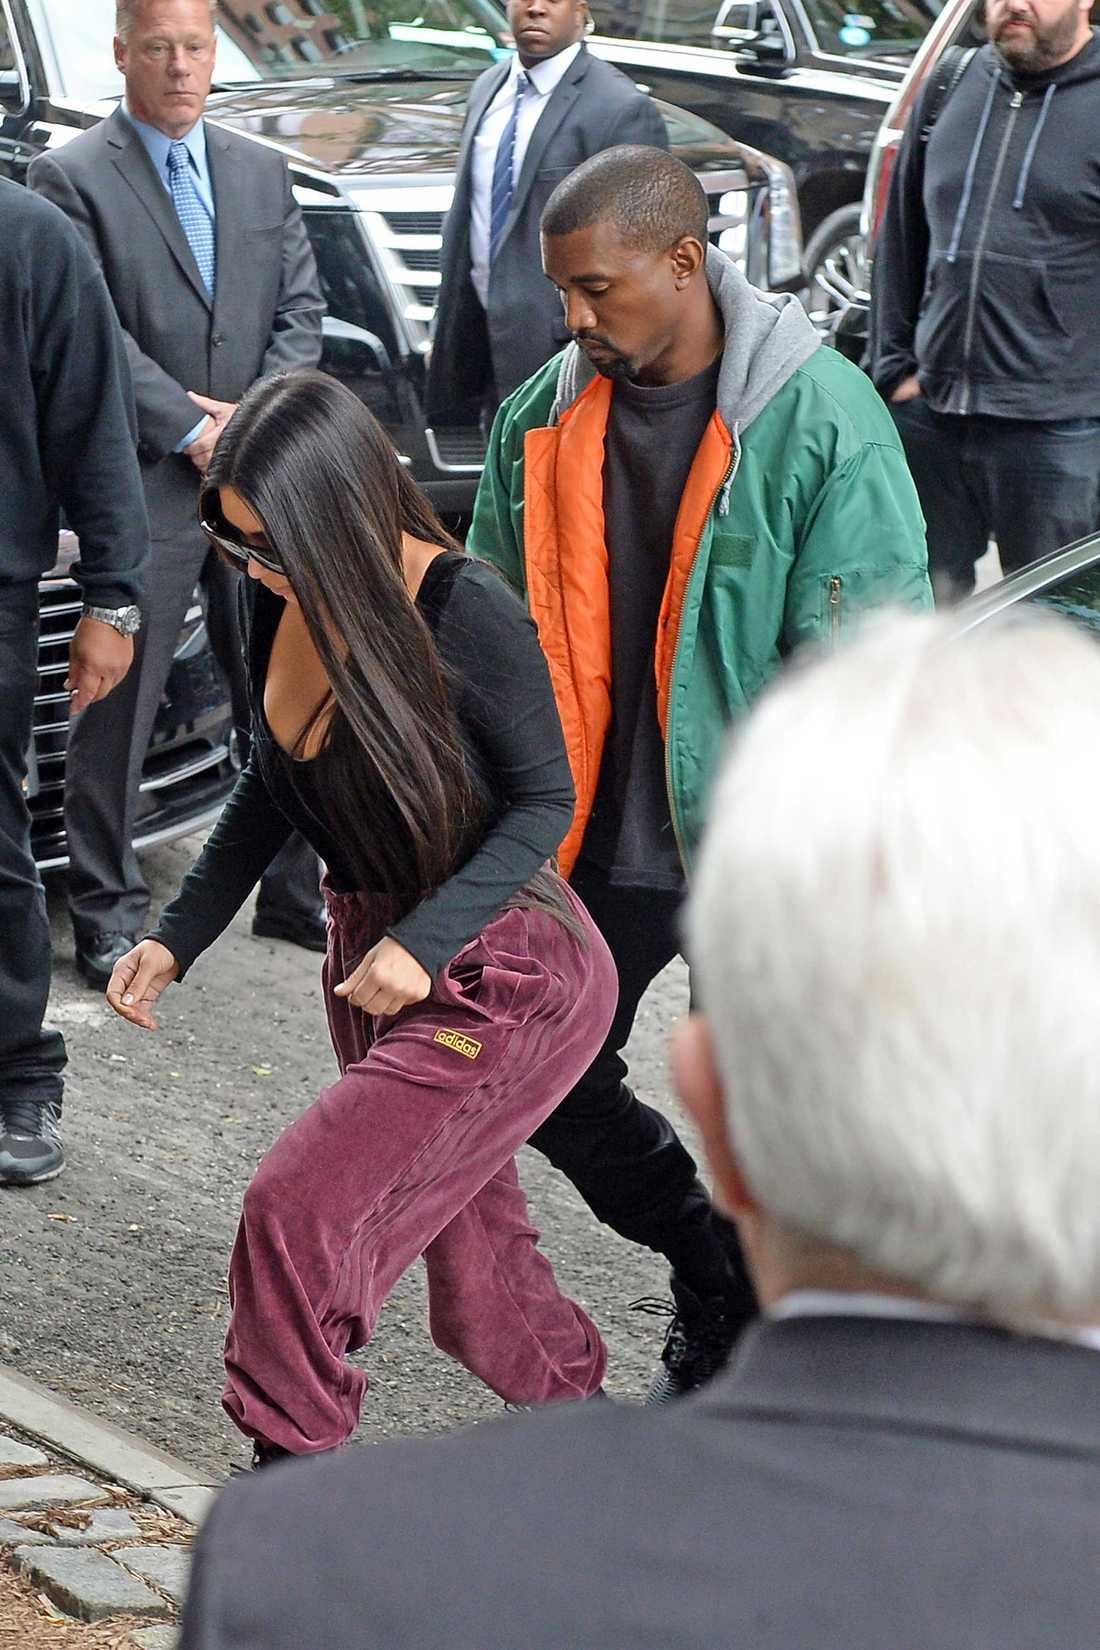 Kim Kardashian möttes av sin man Kanye West när hon lanadade i New York efter att ha flytt Paris i en privatjet.